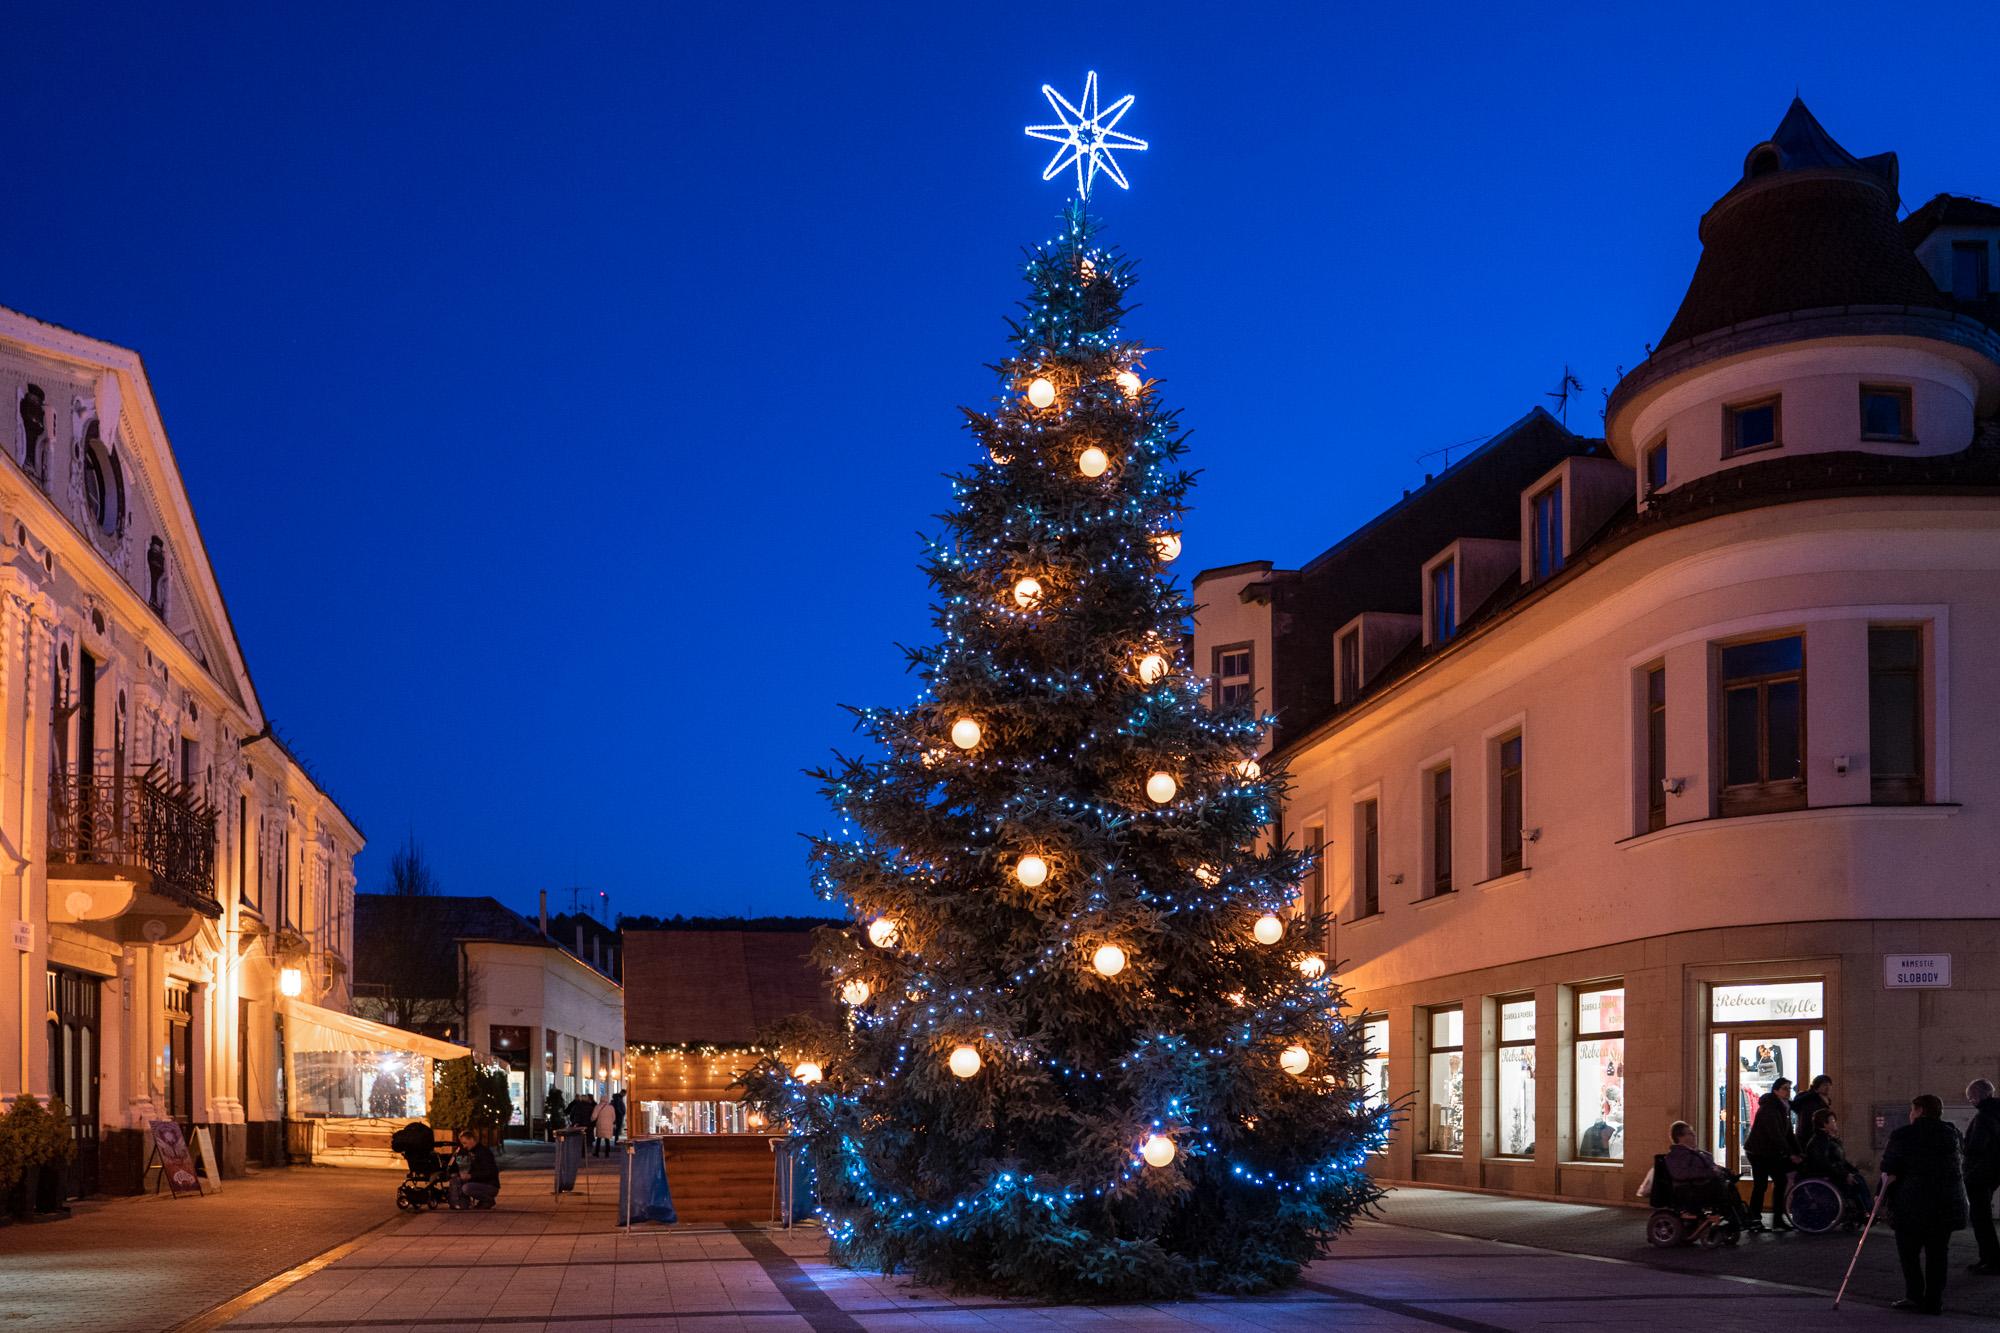 Vianočný strom v Piešťanoch 2019